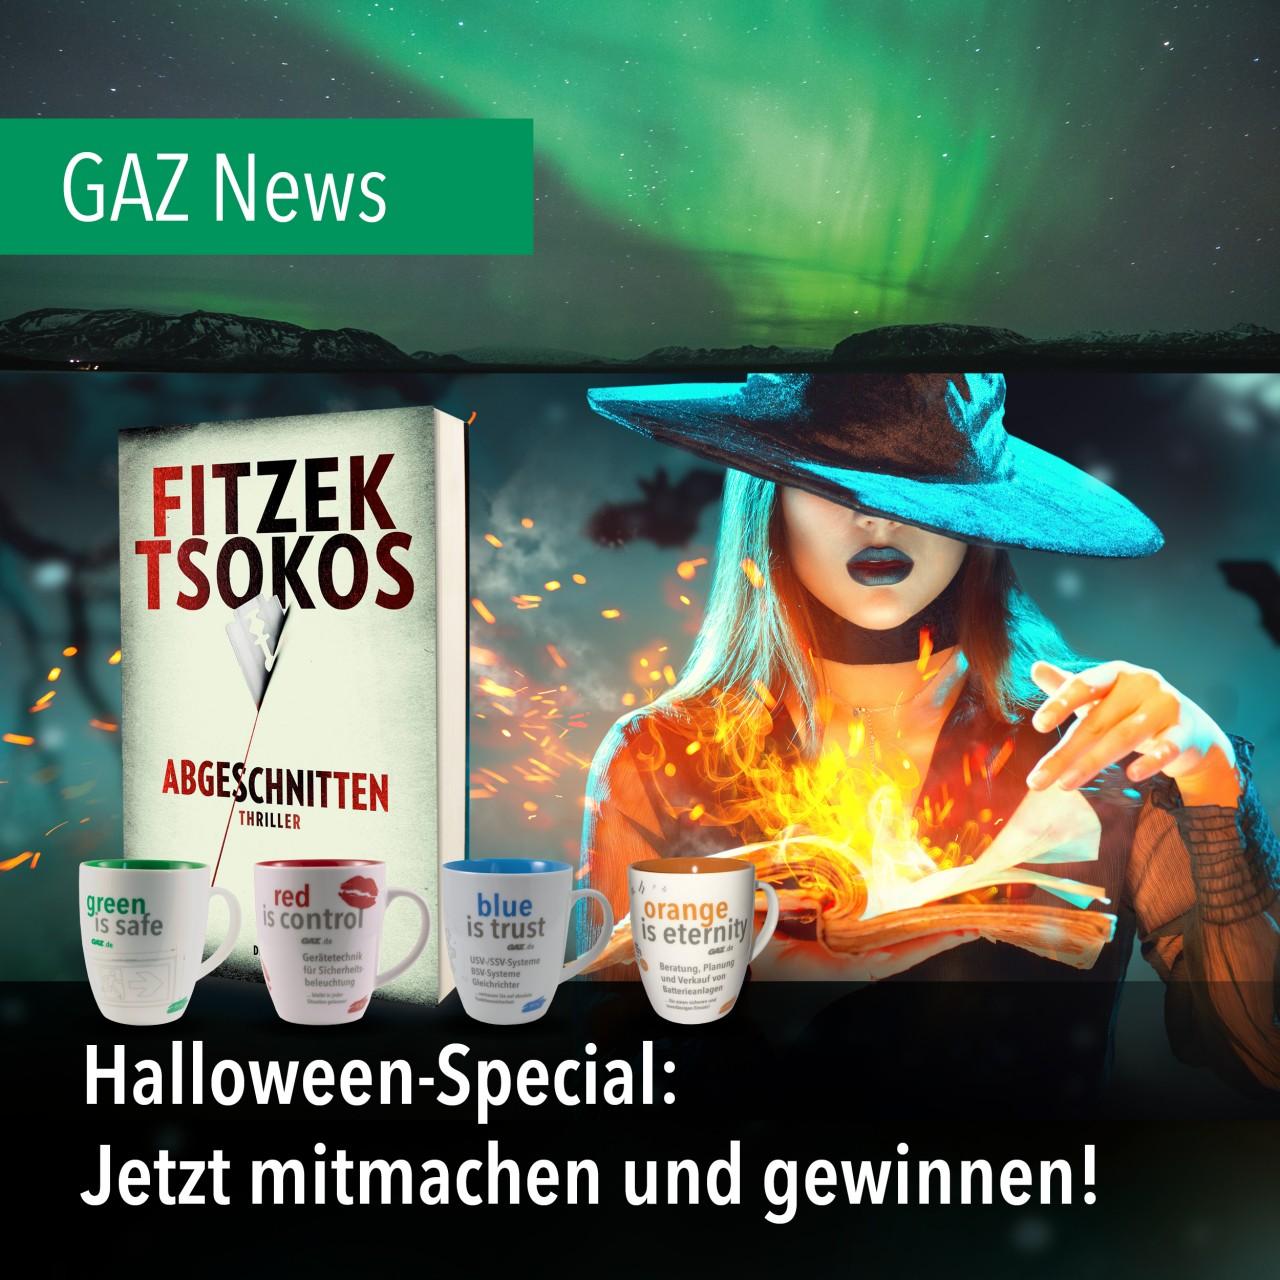 halloween-special_fitzek_gaz_600x600px